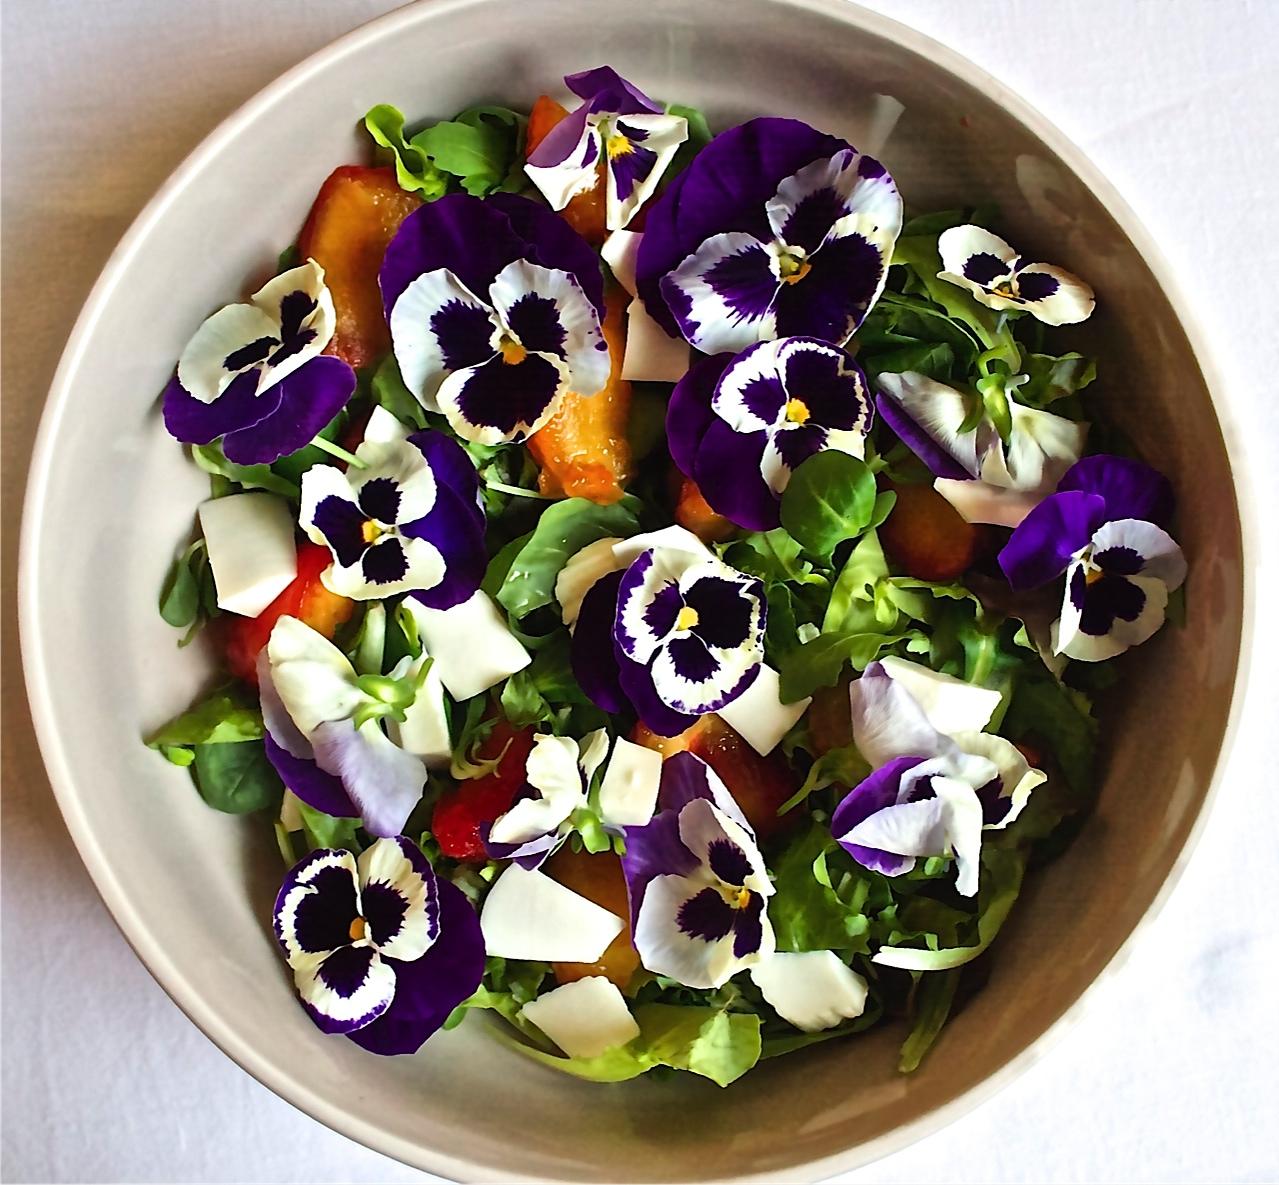 40 fiori da mangiare - Slow Food - Buono, Pulito e Giusto.